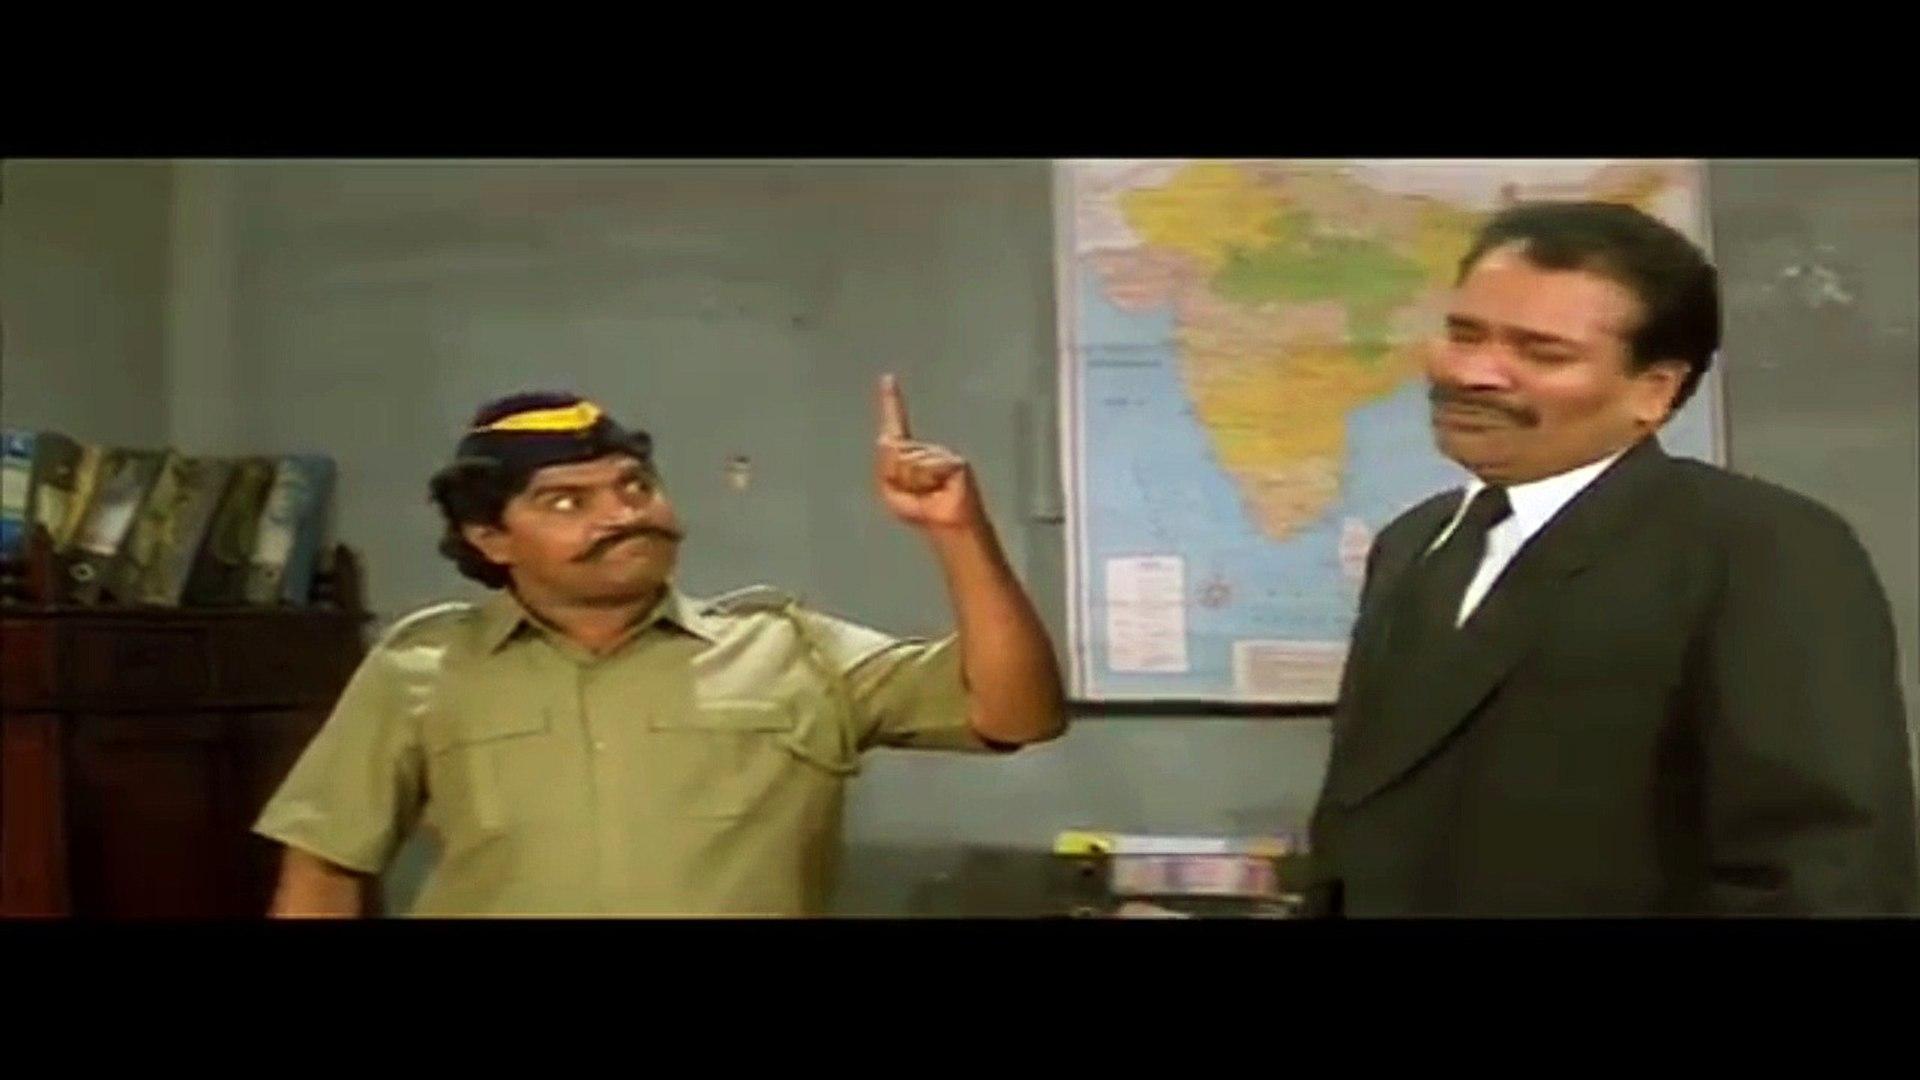 Johnny Lever Comedy Scenes || Judge Mujrim Hindi Movie 1997 || Comedy Interesting Scene || Super Hit